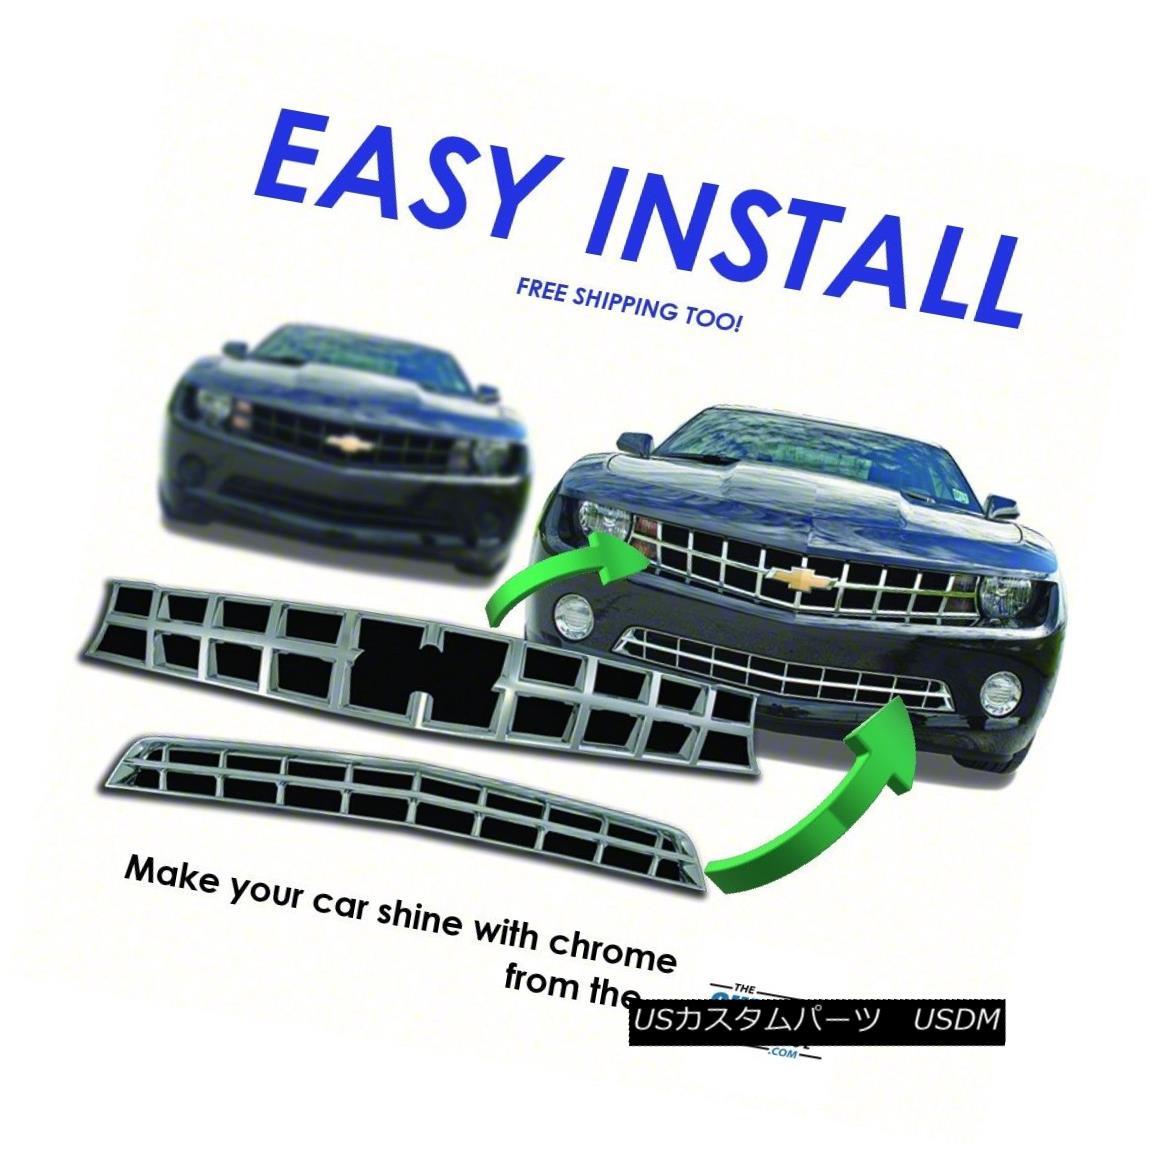 グリル IWCGI86 - Fits 10-13 Chevy Camaro-Chrome Grille Overlay IWCGI86 - 10-13のChevy Camaro-Chrome Grille Overlayに適合